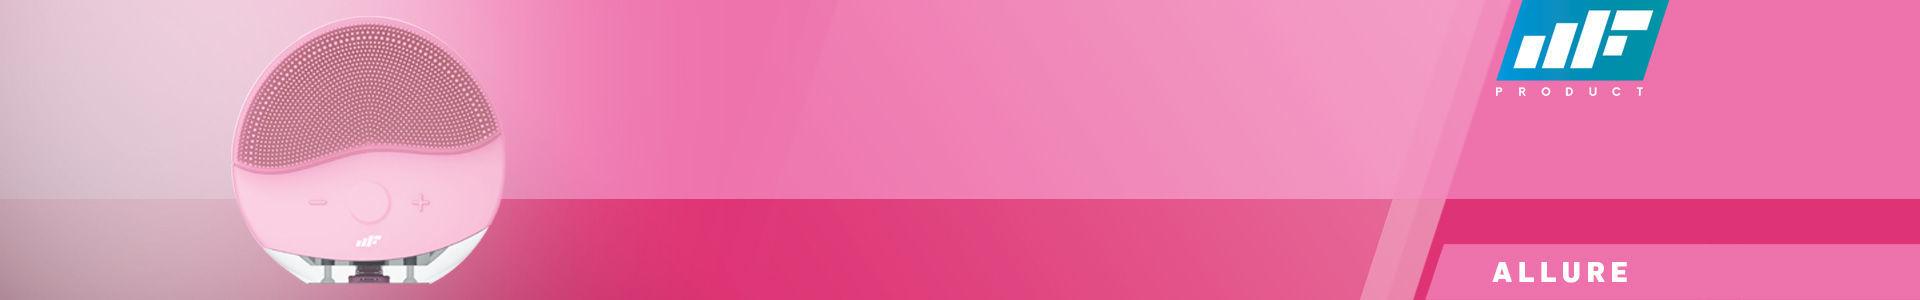 MF Product Allure 0518 Yüz Temizleme ve Masaj Cihazı Pembe için en iyi fiyatı buldun!